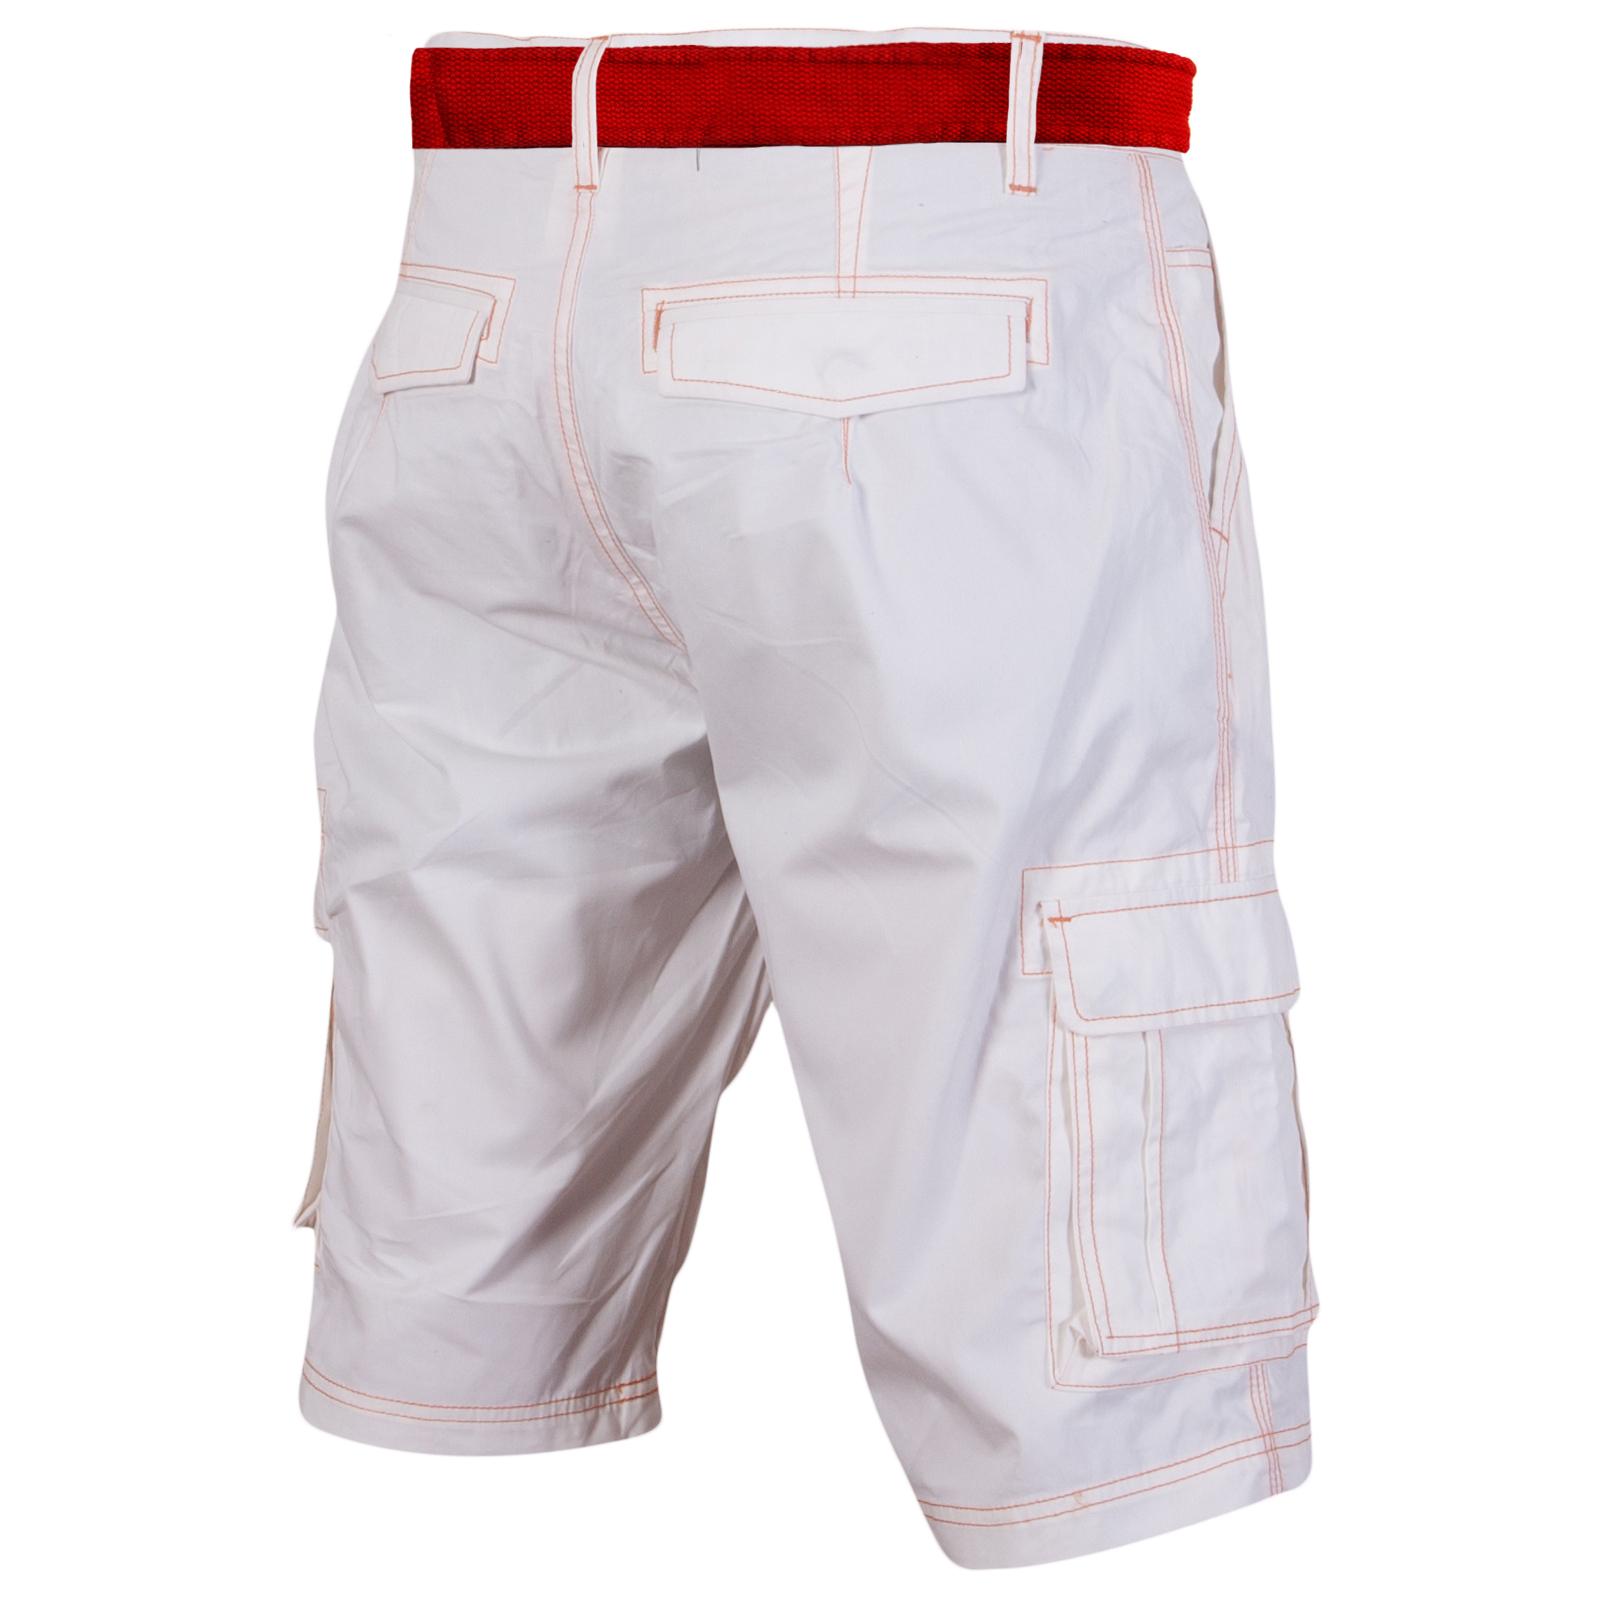 Мужские белые шорты - купить в интернет-магазине